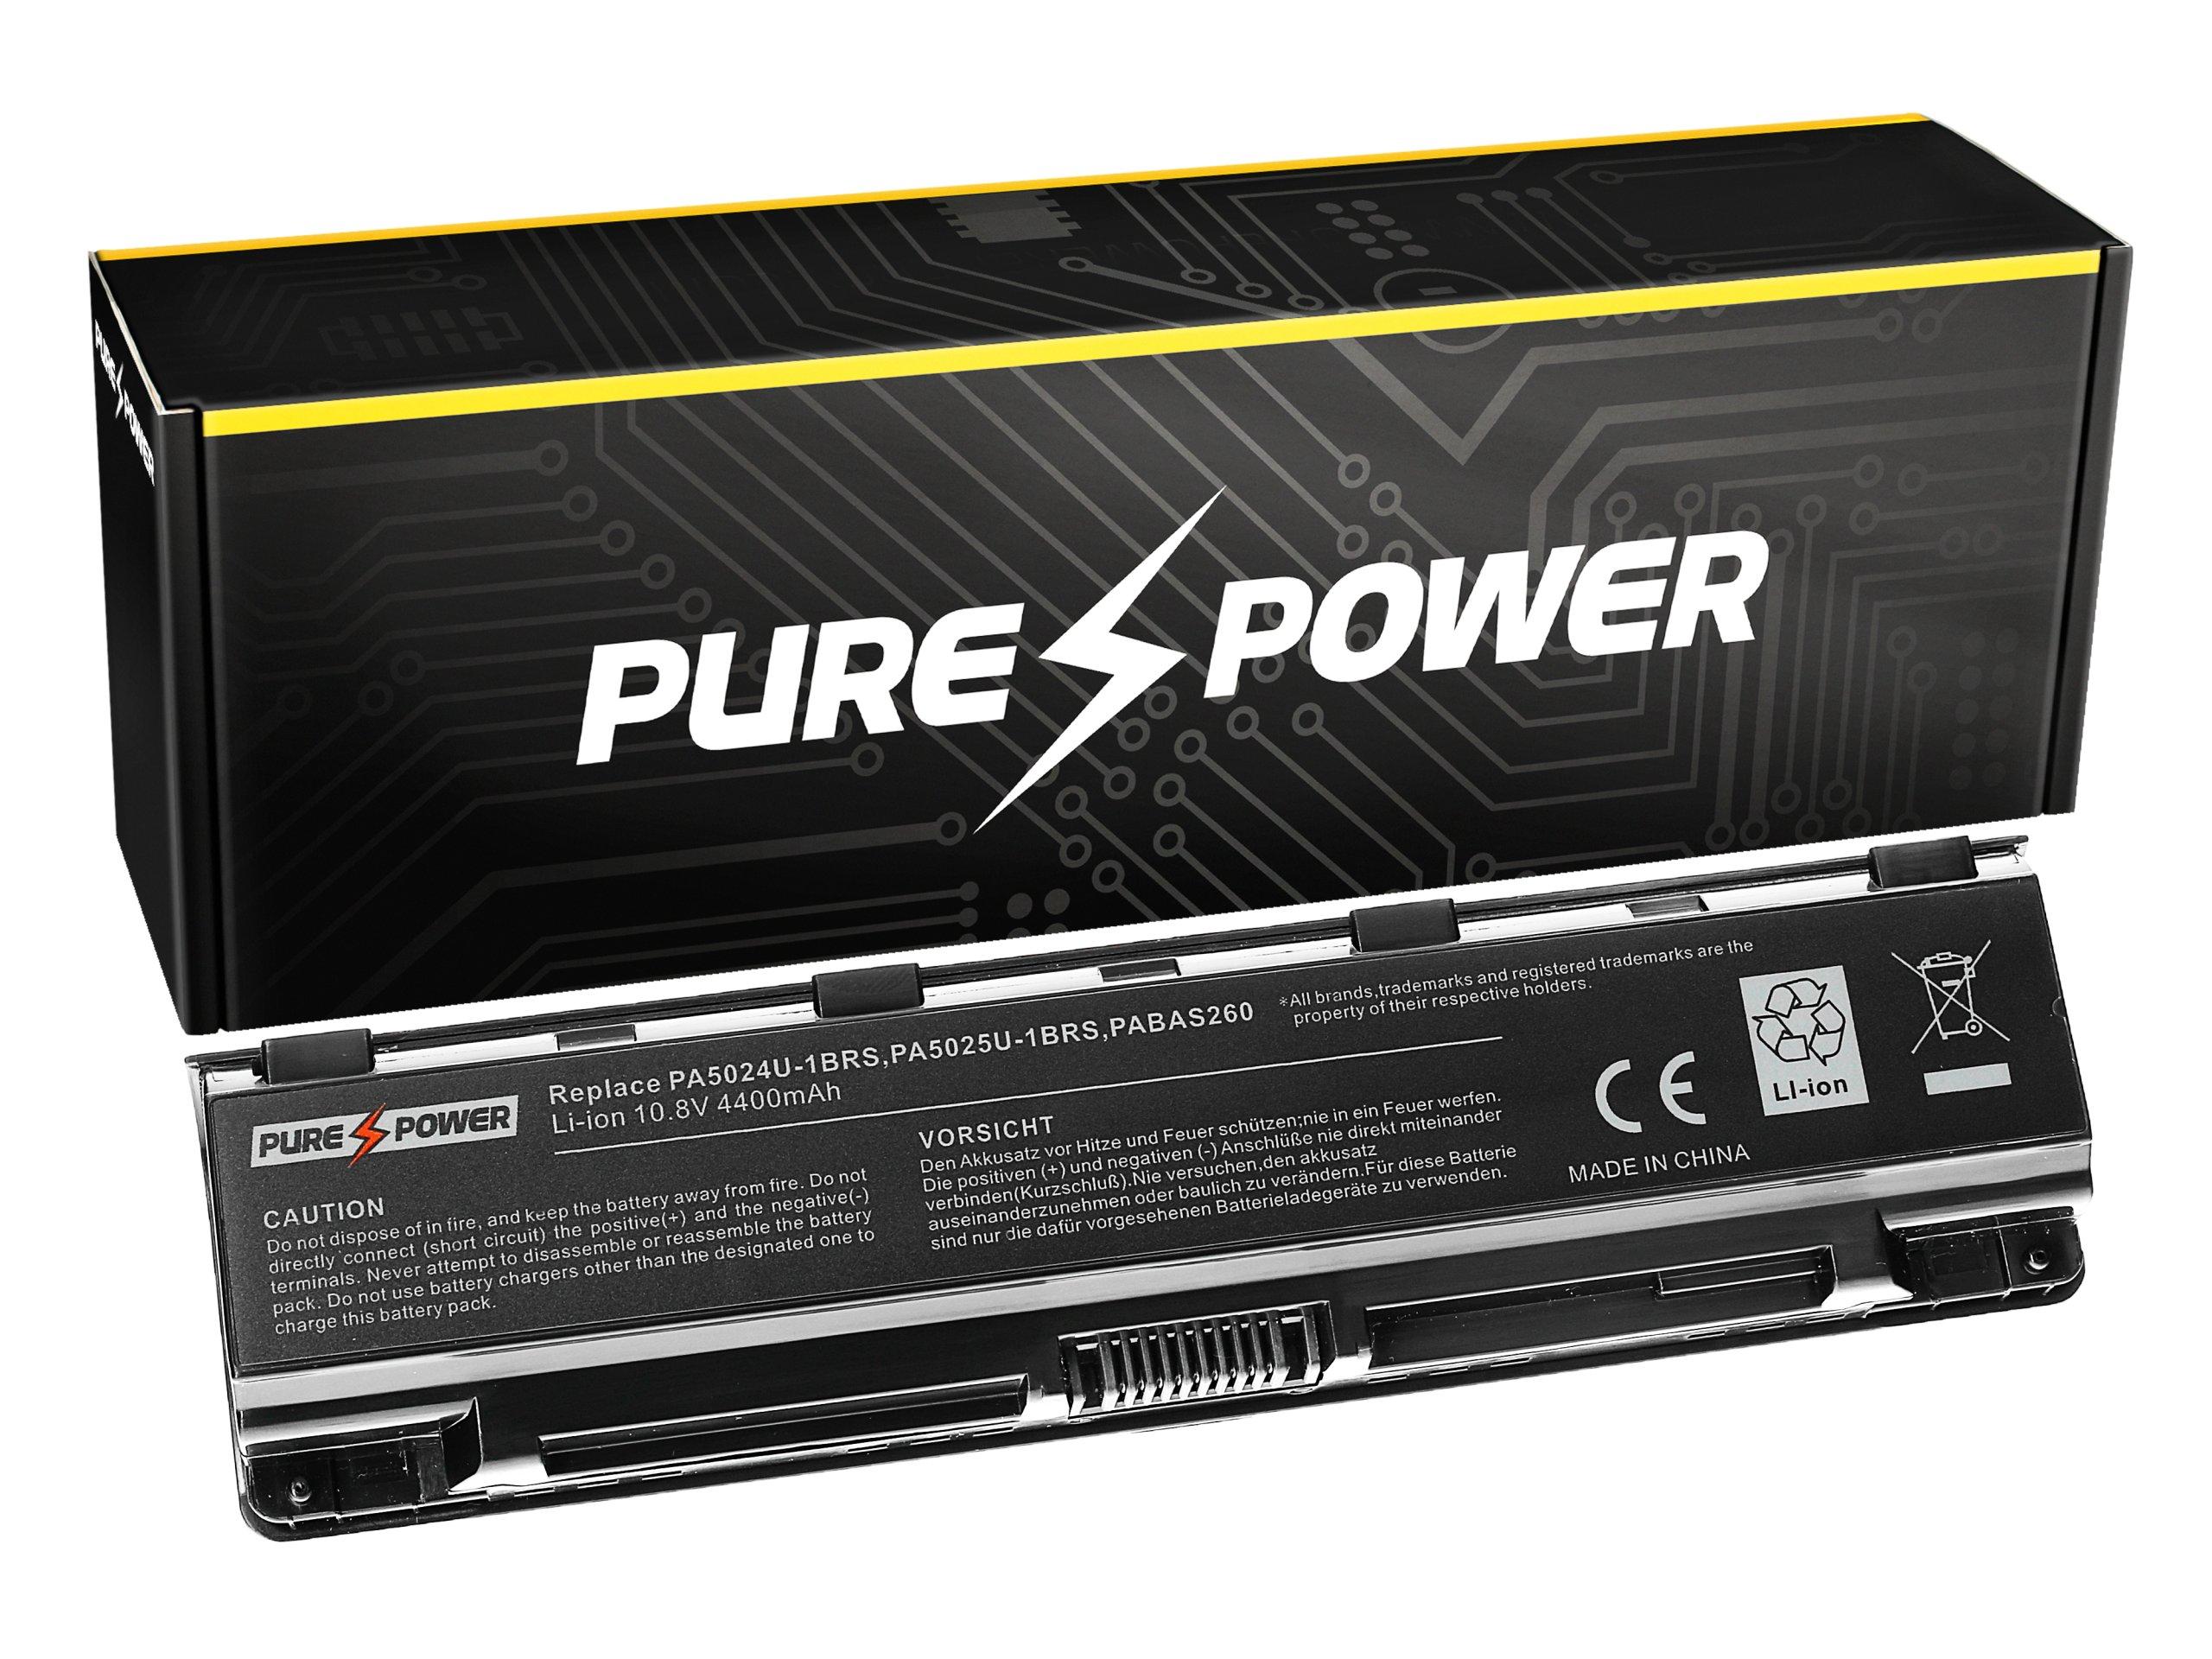 Bateria Do Laptopa Toshiba Satellite Pro C840 C845 7164321861 Original Baterai C800 C800d C840d C870 L800 L805 L830 L835 L840 L845 L850 M840 M805 M800 P800 S800 P870 Pa5024